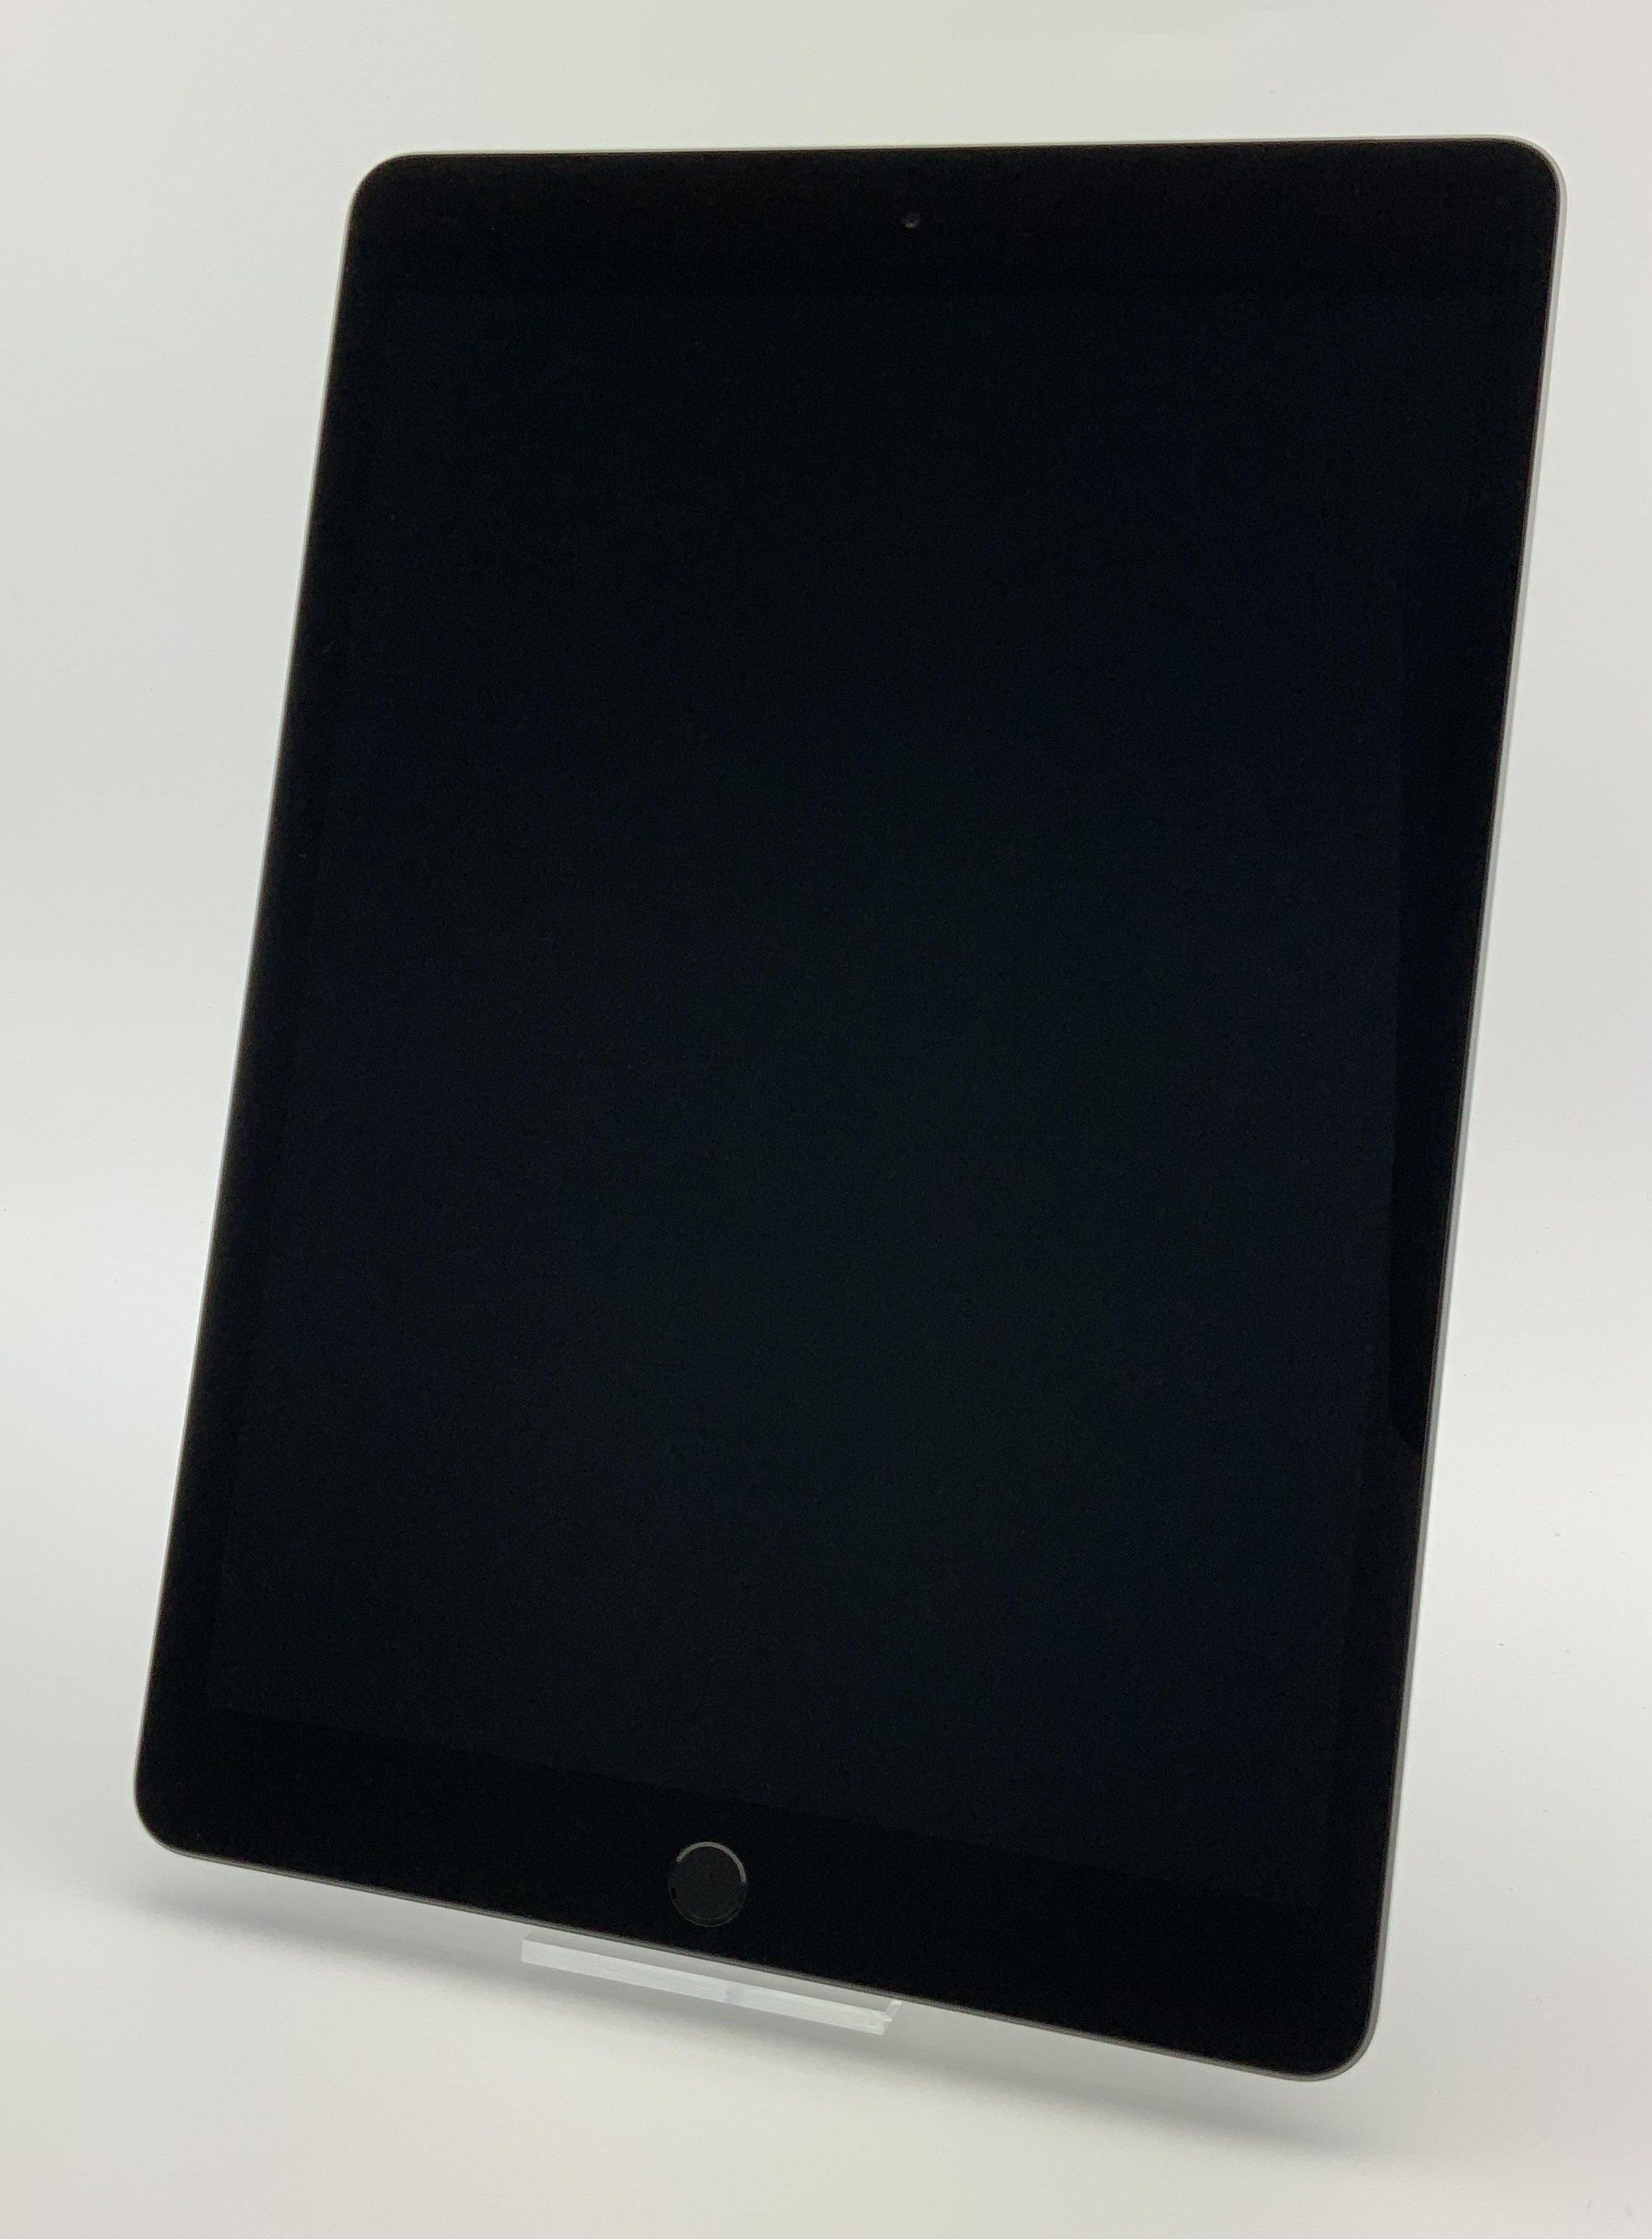 iPad 7 Wi-Fi + Cellular 32GB, 32GB, Space Gray, image 1